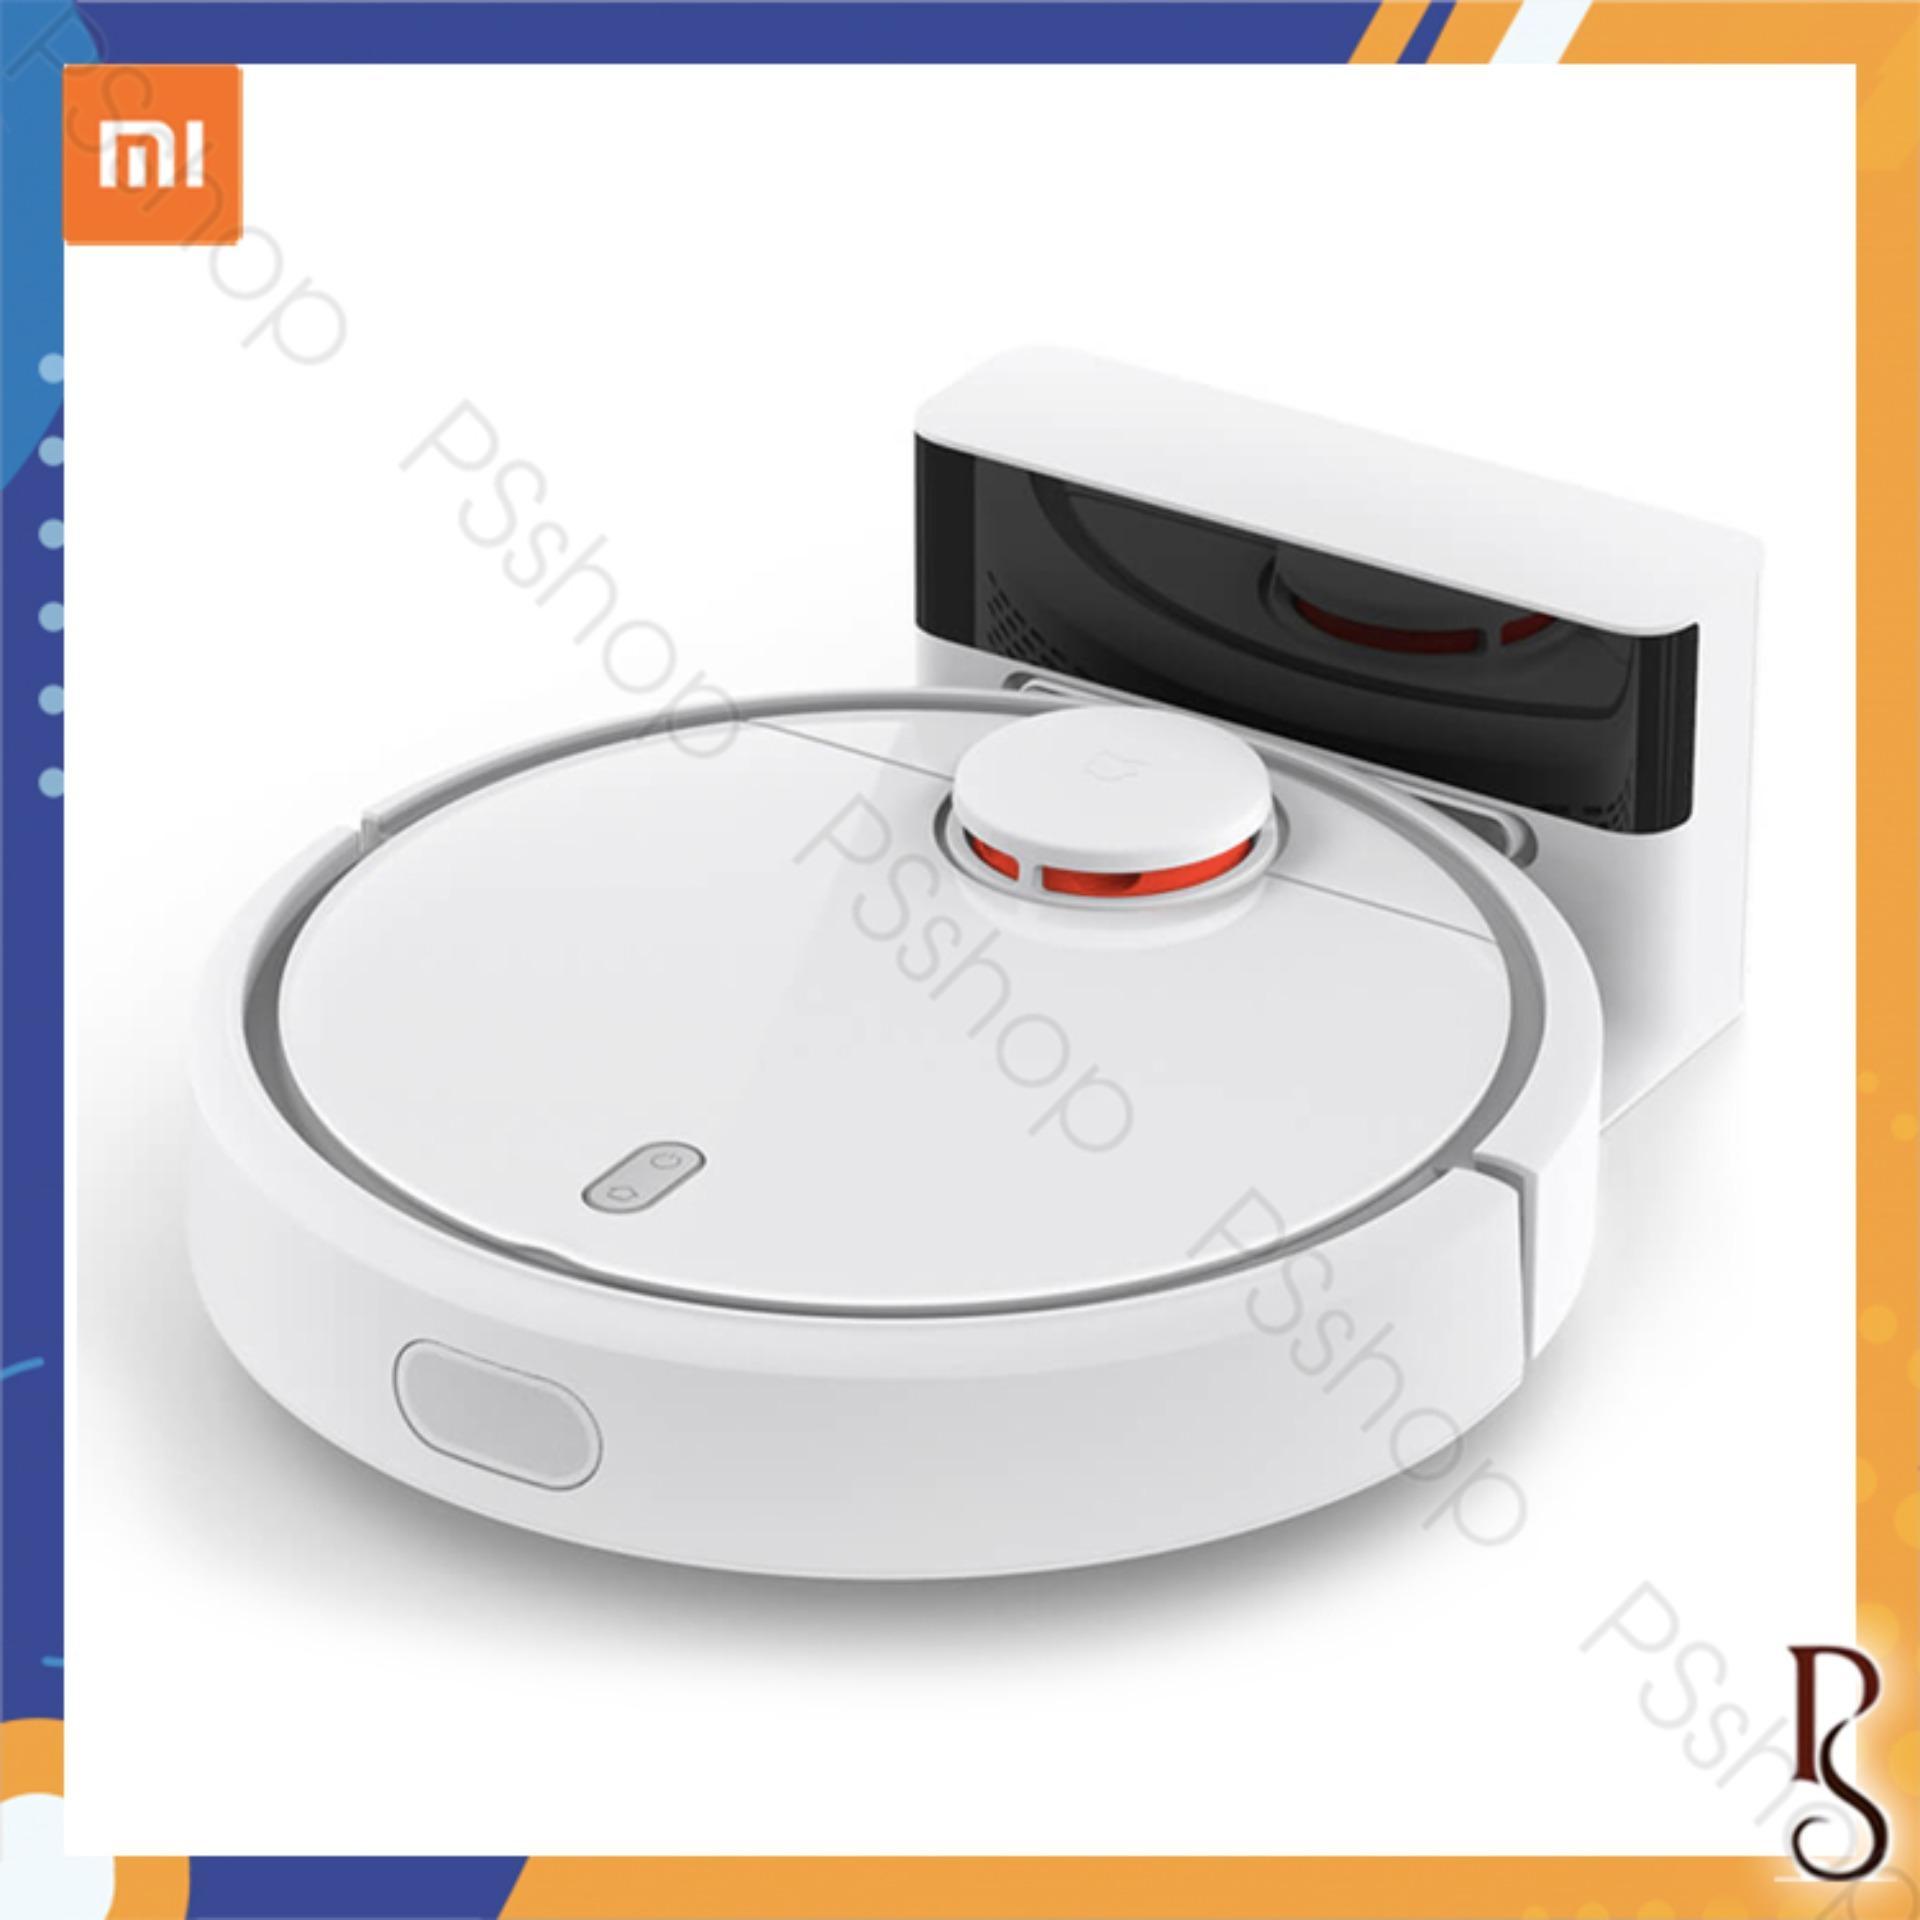 Robot Hút Bụi Thông Minh Xiaomi Mijia Mi Robot Vacuum Clear- Sức Hút 1800 Pa- Dung Lượng 5200 MAh- Bảo Hành 6 Tháng Giá Siêu Rẻ